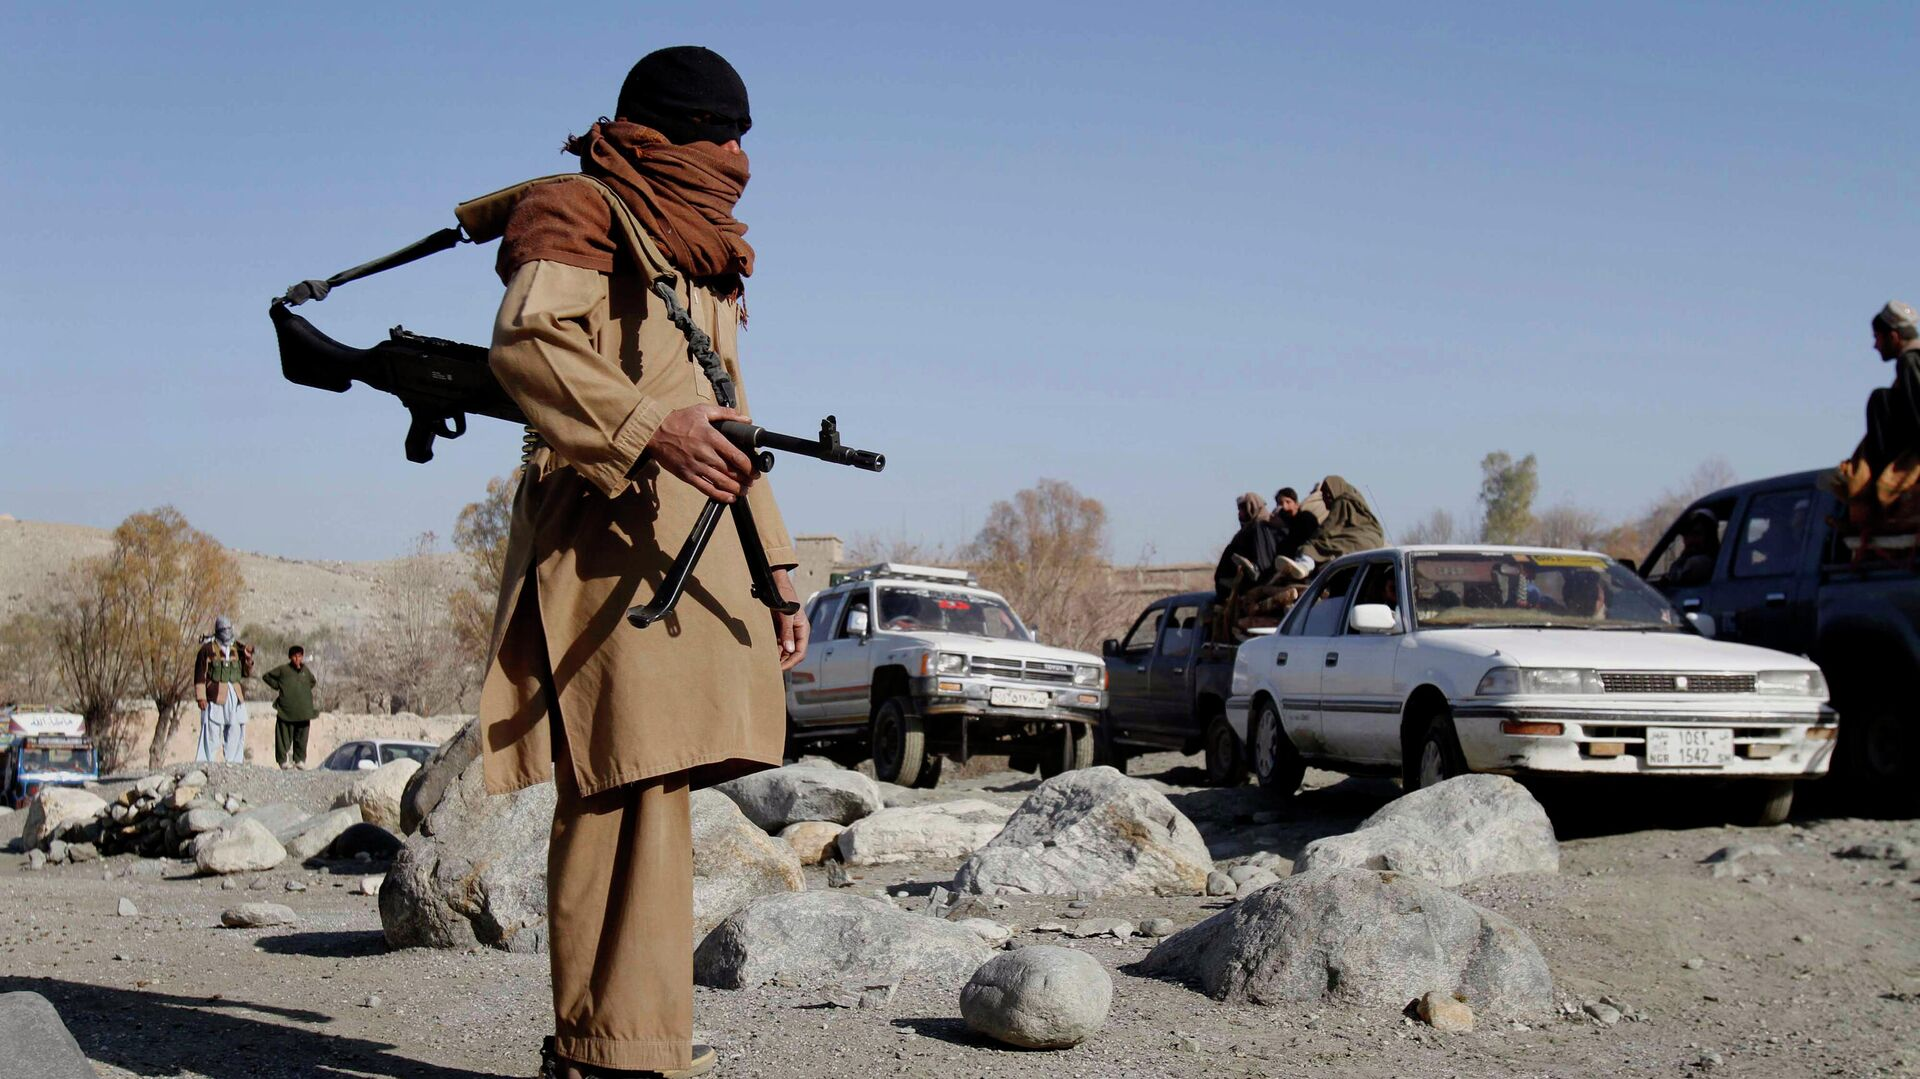 Боевики радикального движения Талибан в Афганистане - РИА Новости, 1920, 03.07.2021